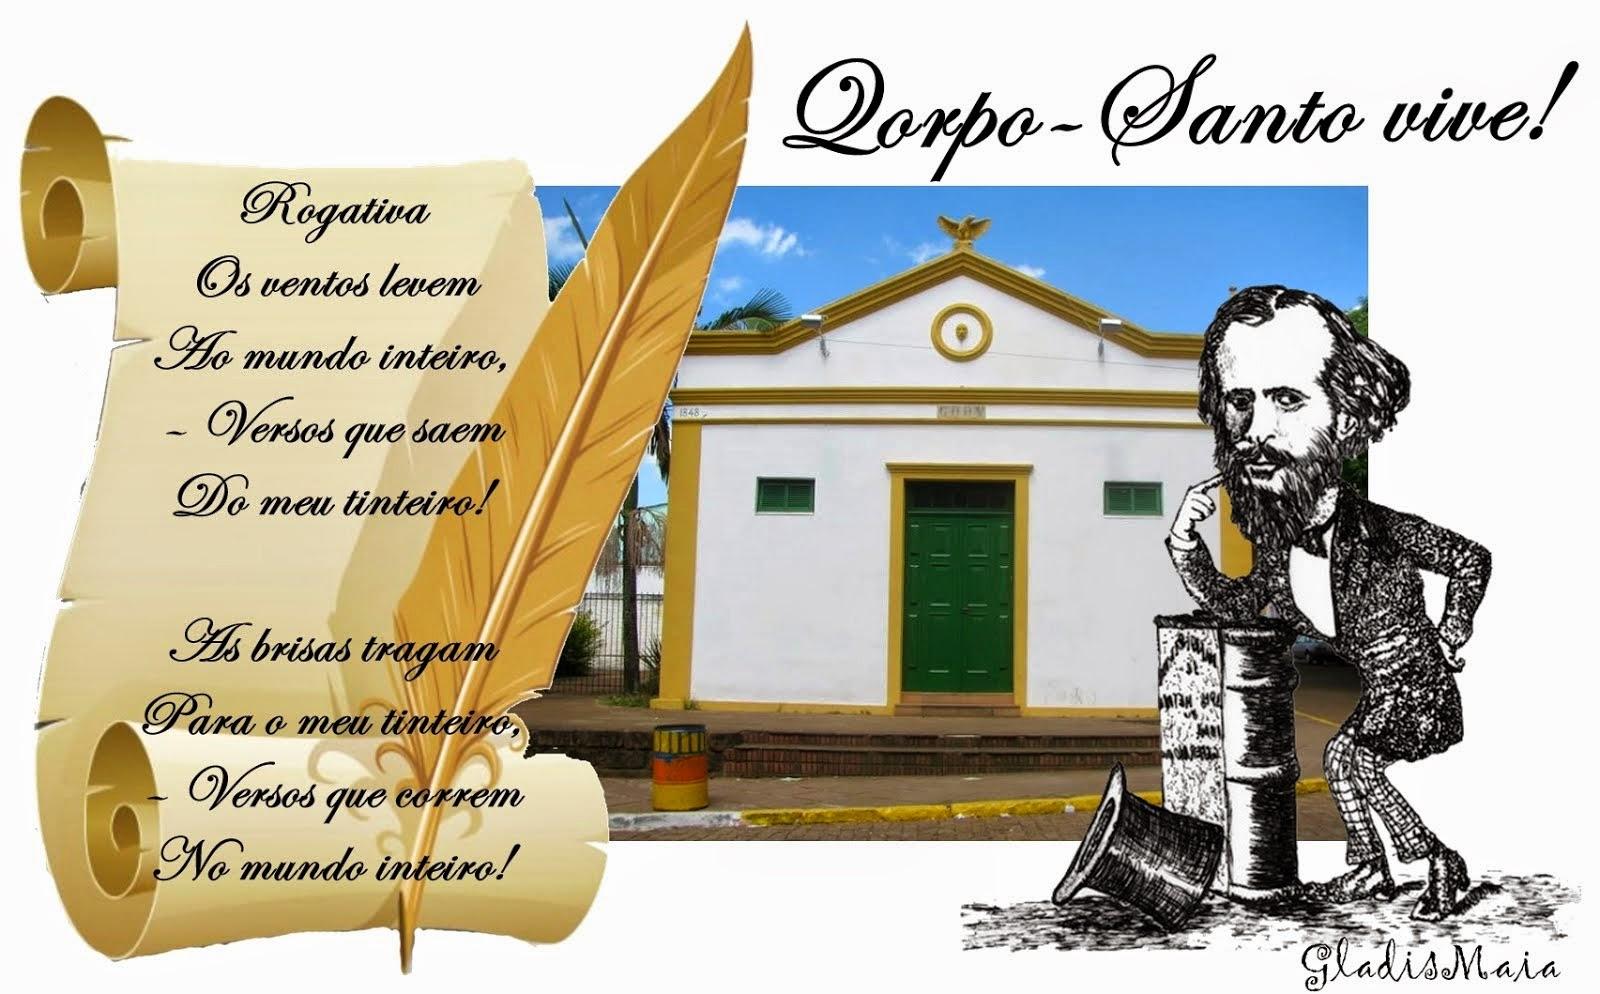 Blog da Fundação Cultural Qorpo-Santo de Triunfo/RS